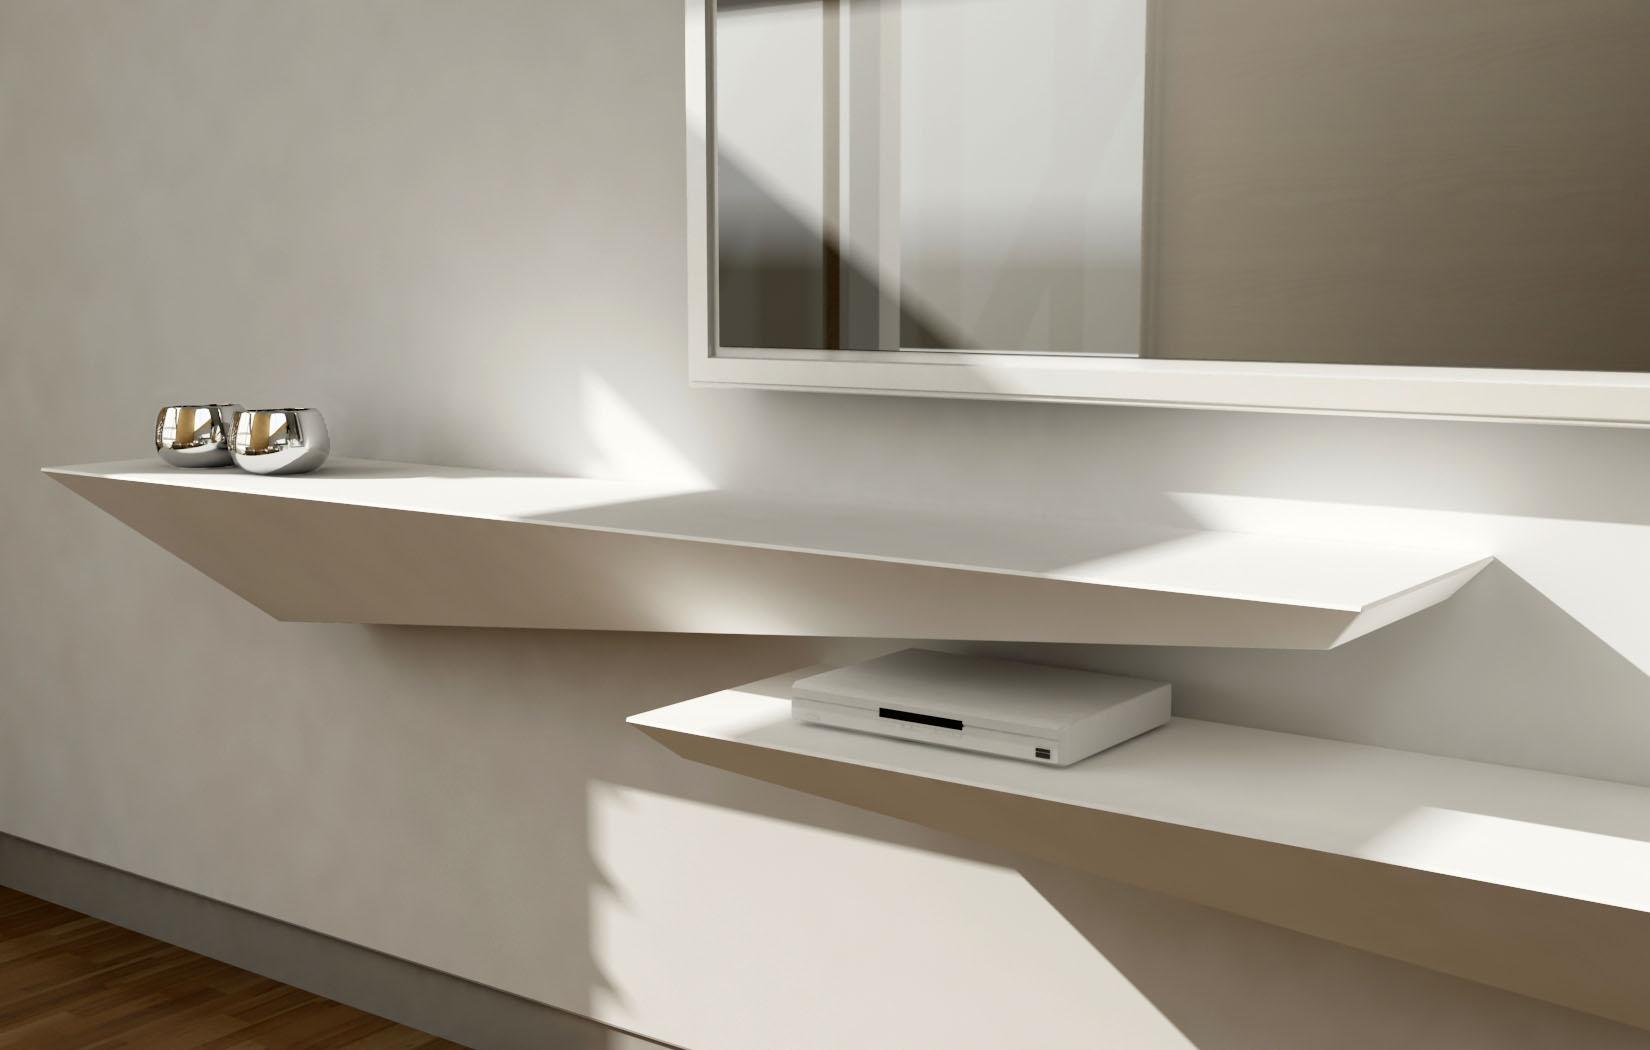 Lune design 39 tzeno 39 mensola a muro in corian e legno - Mensola porta piatti ...